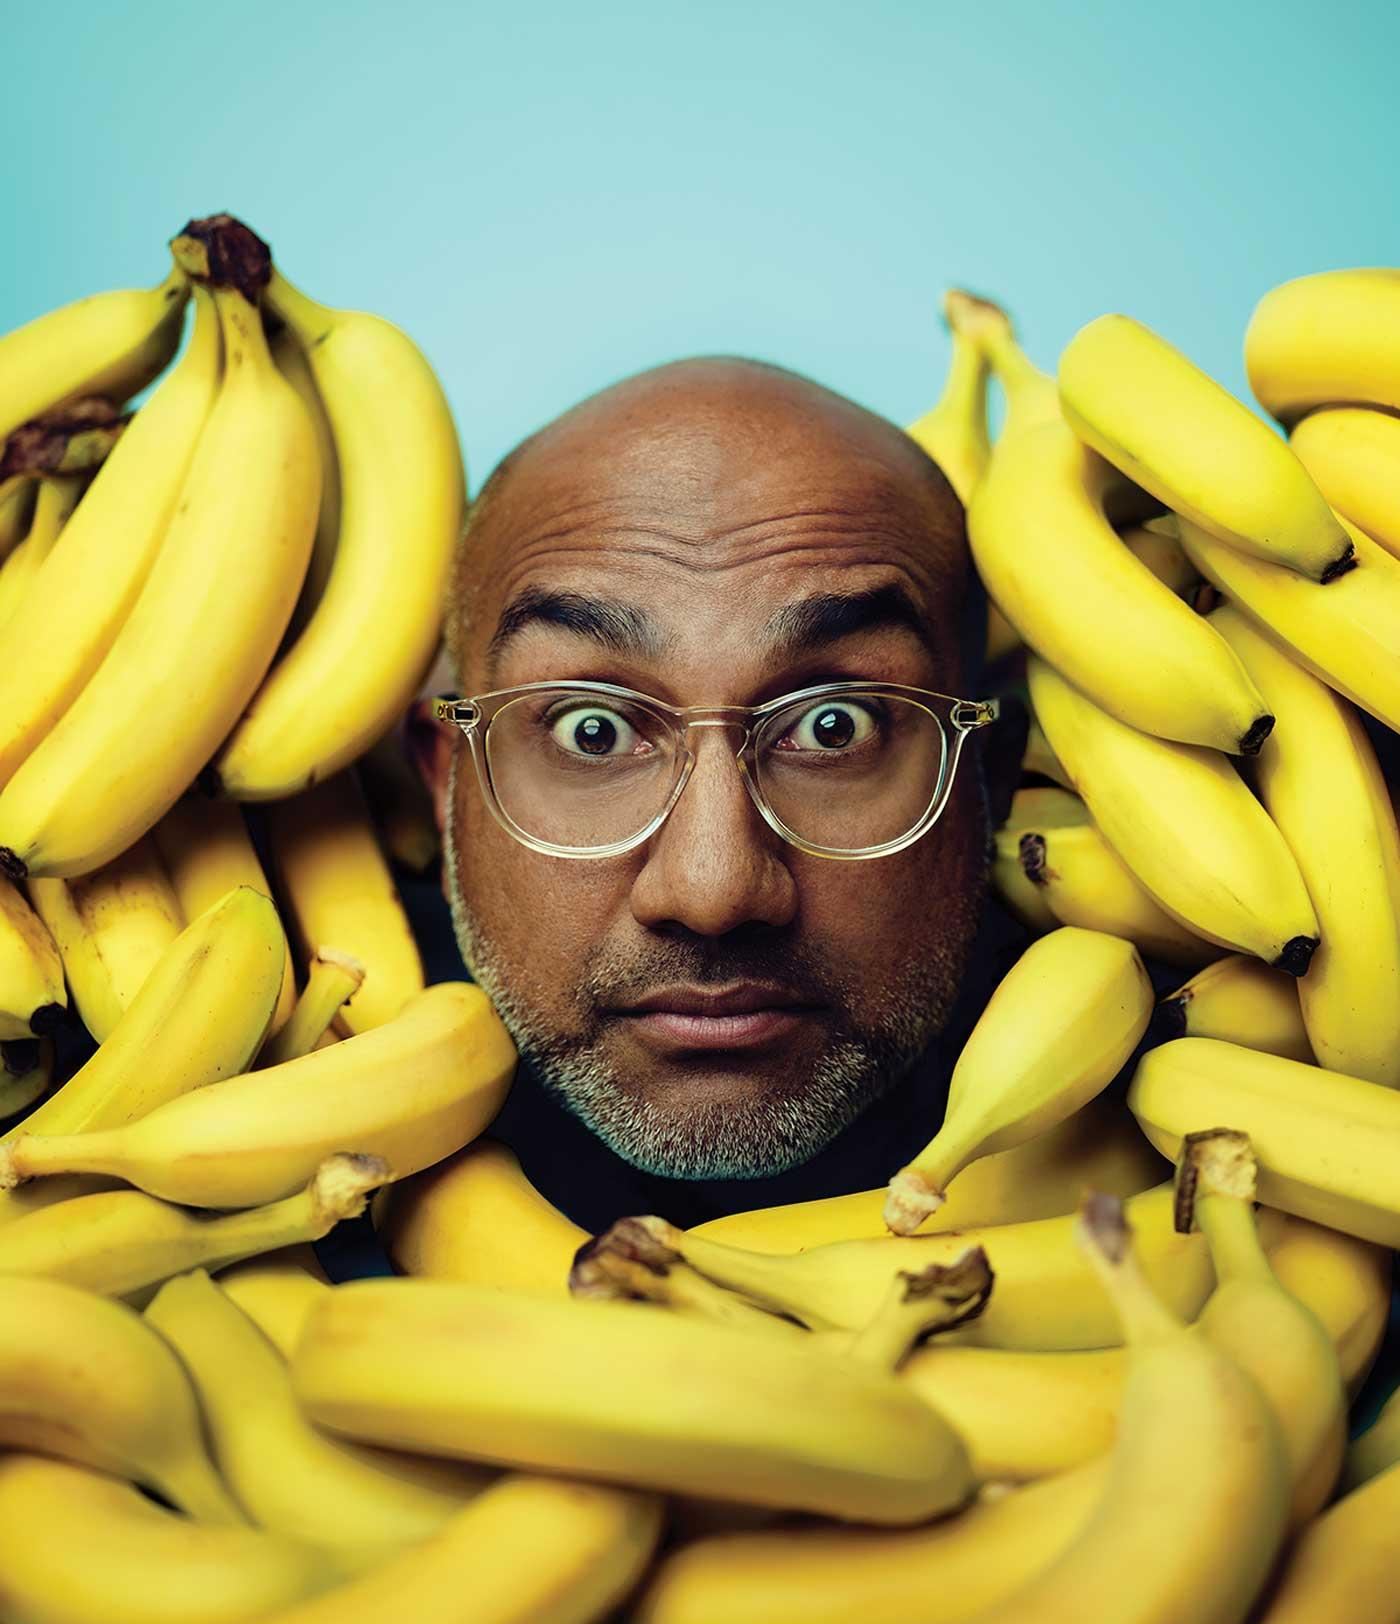 FavEats_Naidu_Bananas_Dadedos2.jpg